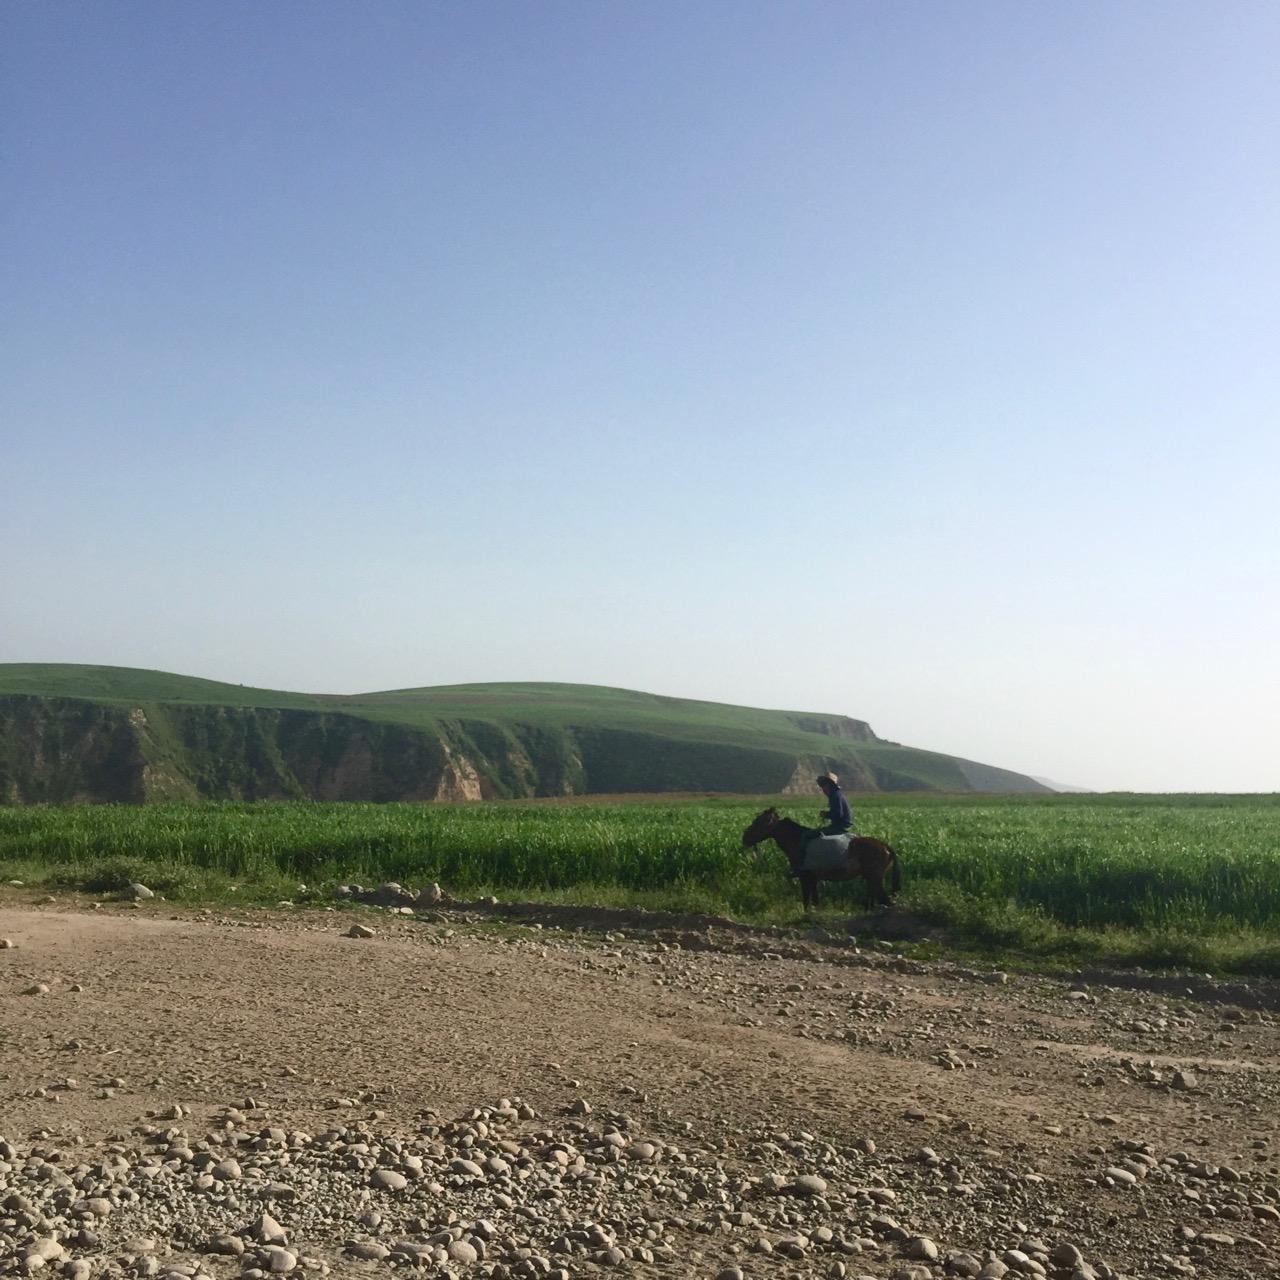 Tadjikistan Khorog Pamir Douchanbé